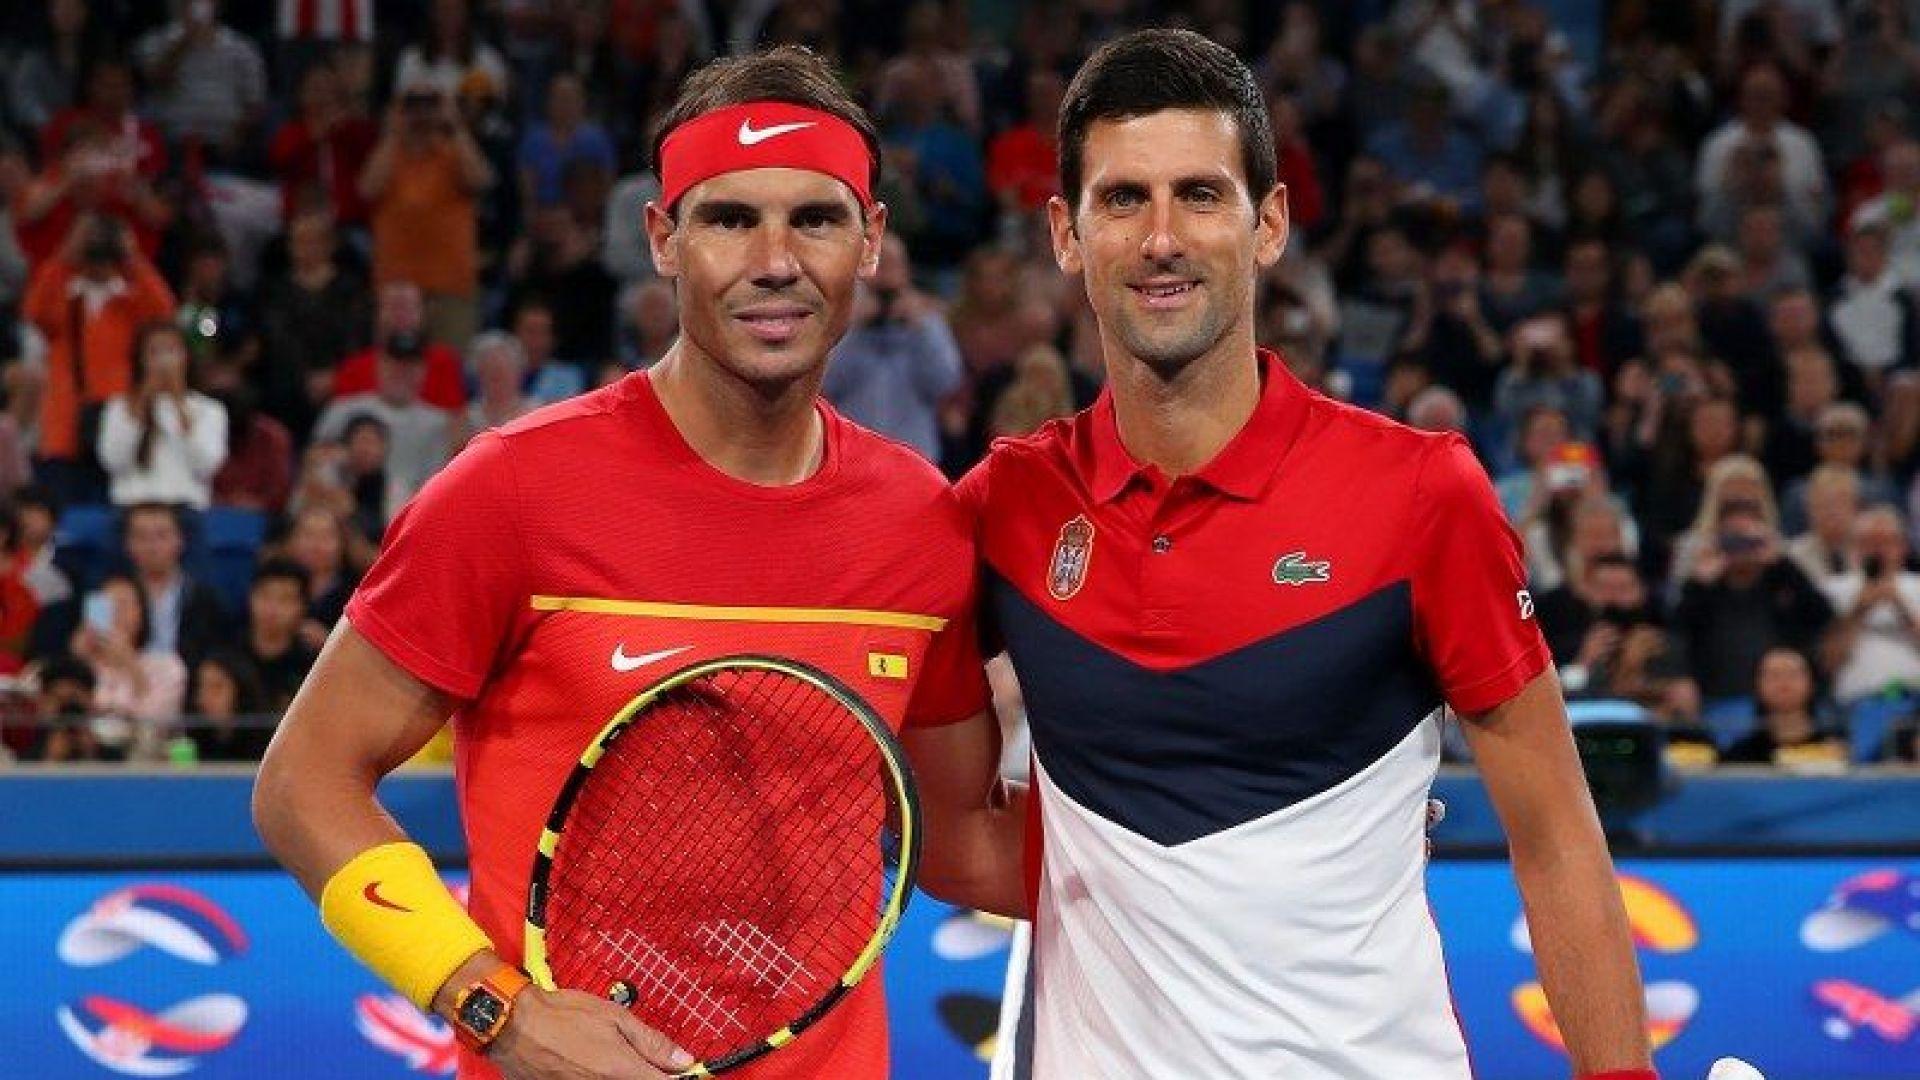 Тони Надал: Много по-трудно е срещу Джокович, отколкото срещу Федерер